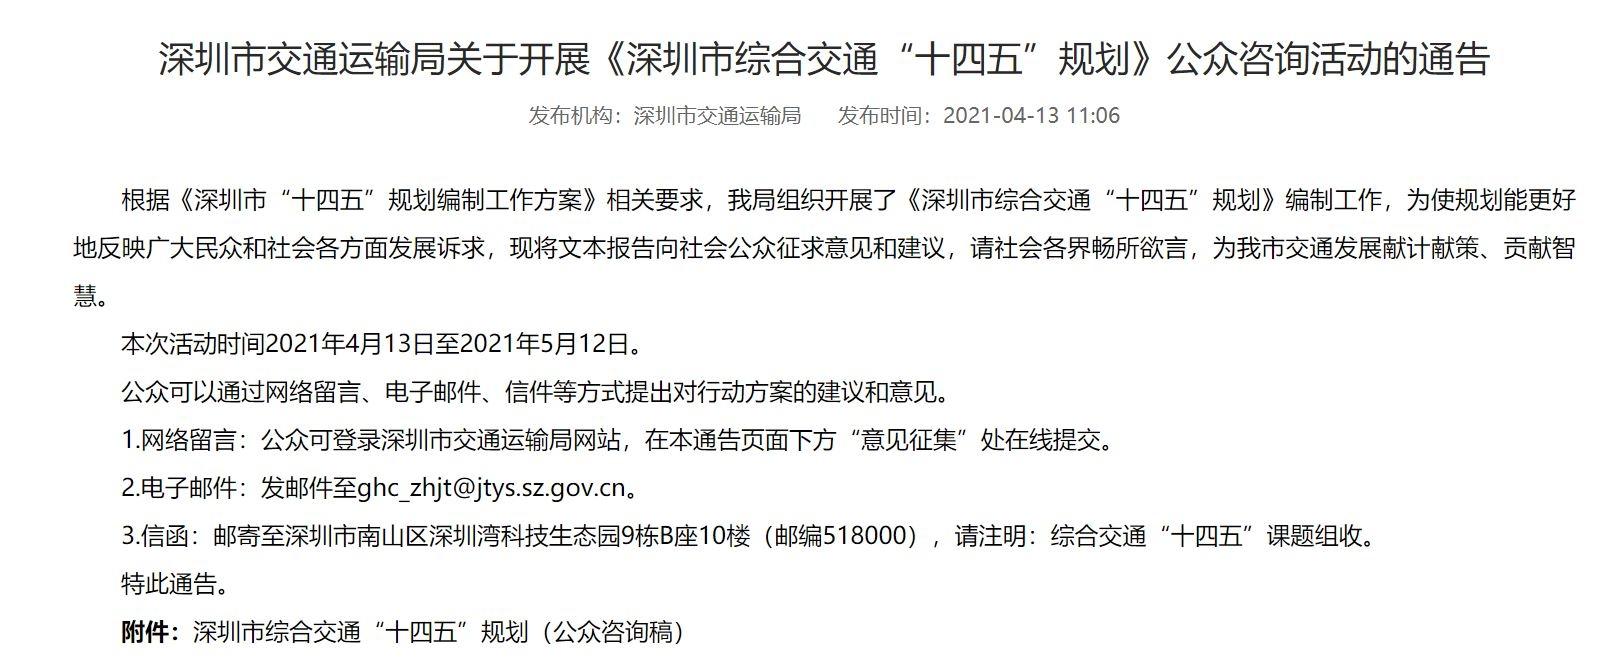 深圳:拟积极推动国际航线有序恢复 打造5G+智慧机场